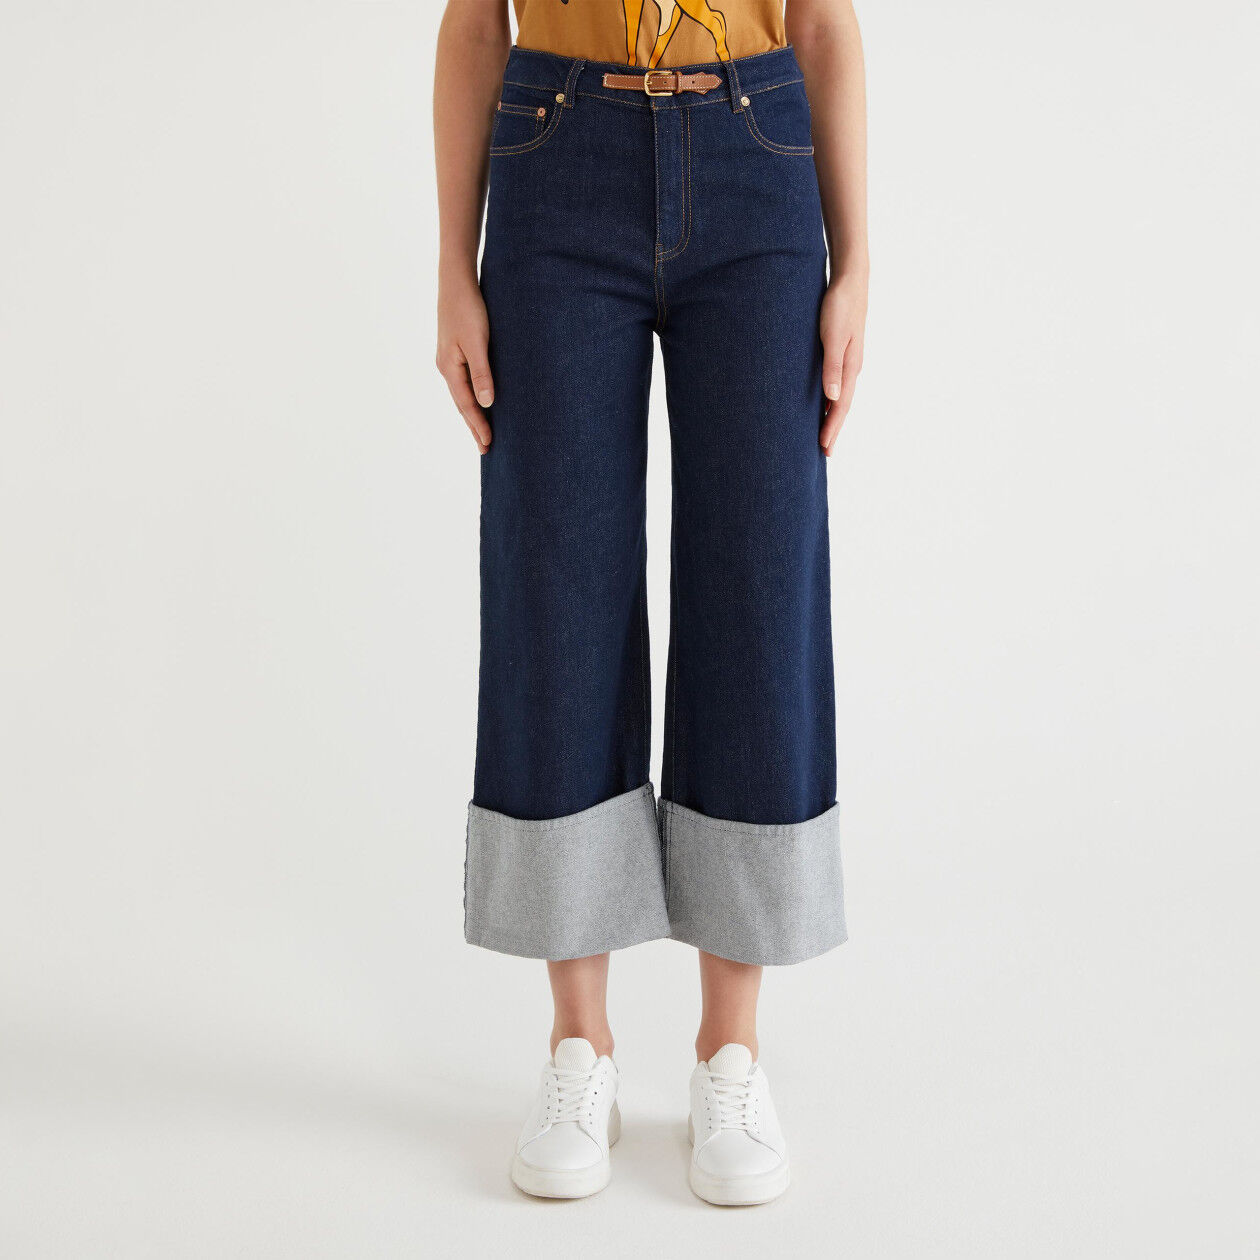 Pantaloni in denim con risvolto